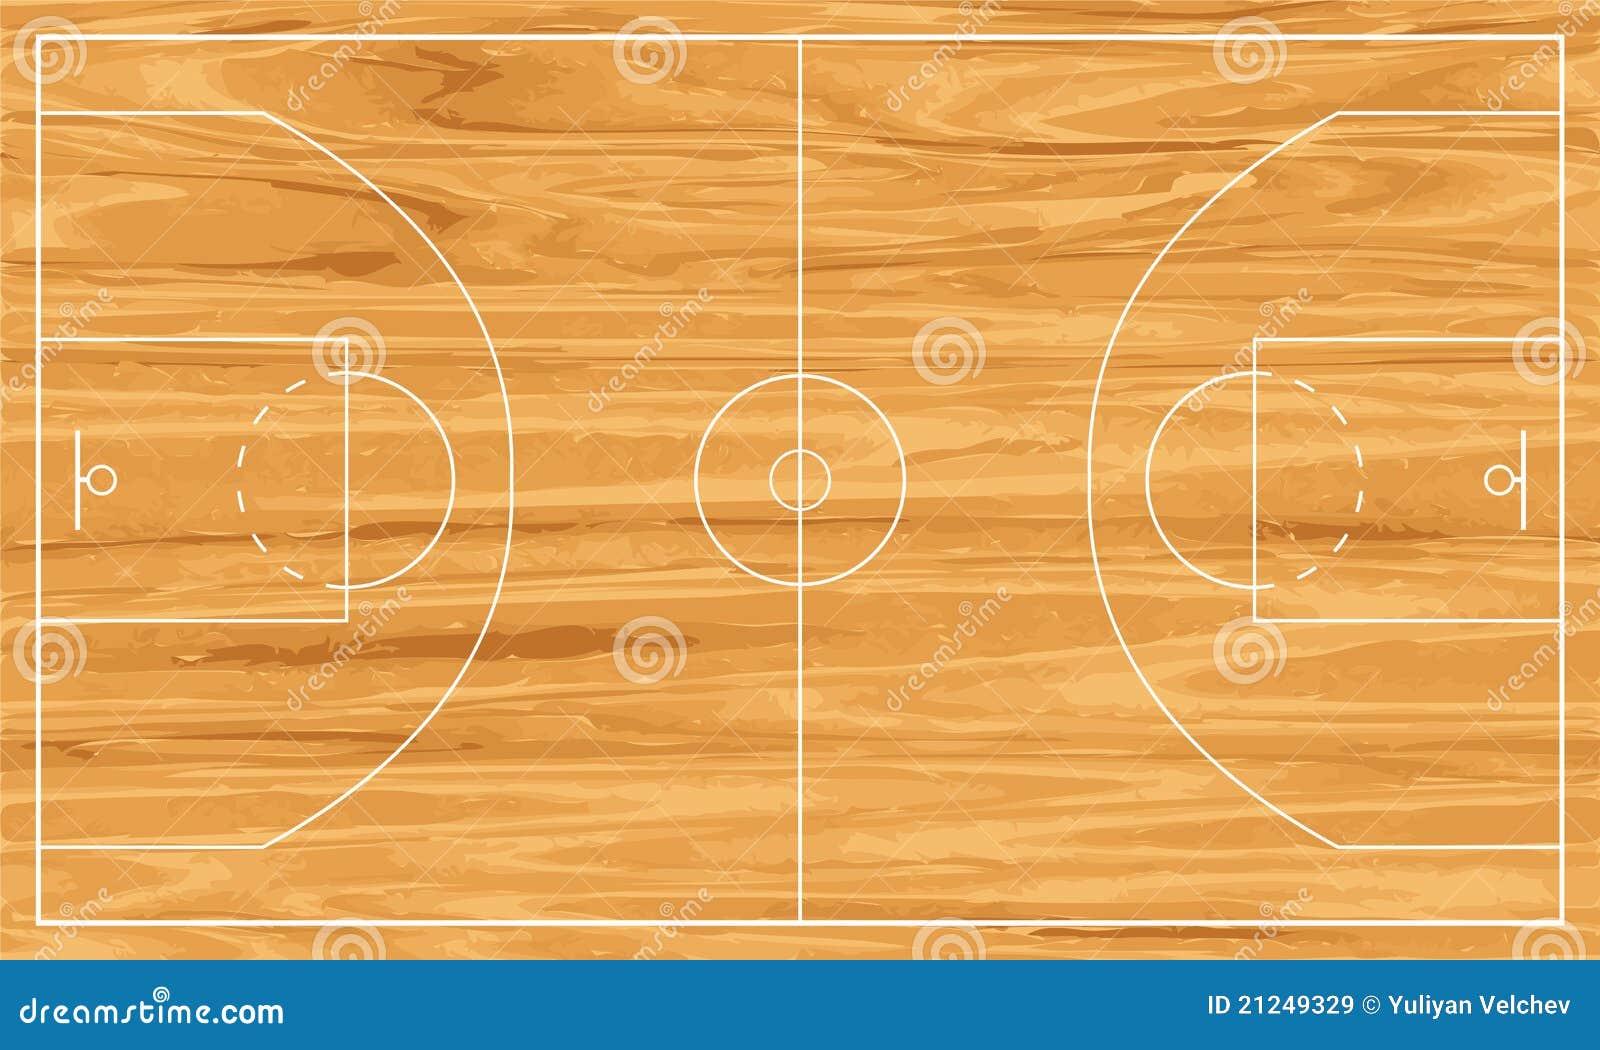 terrain de basket en bois images libres de droits image 21249329. Black Bedroom Furniture Sets. Home Design Ideas